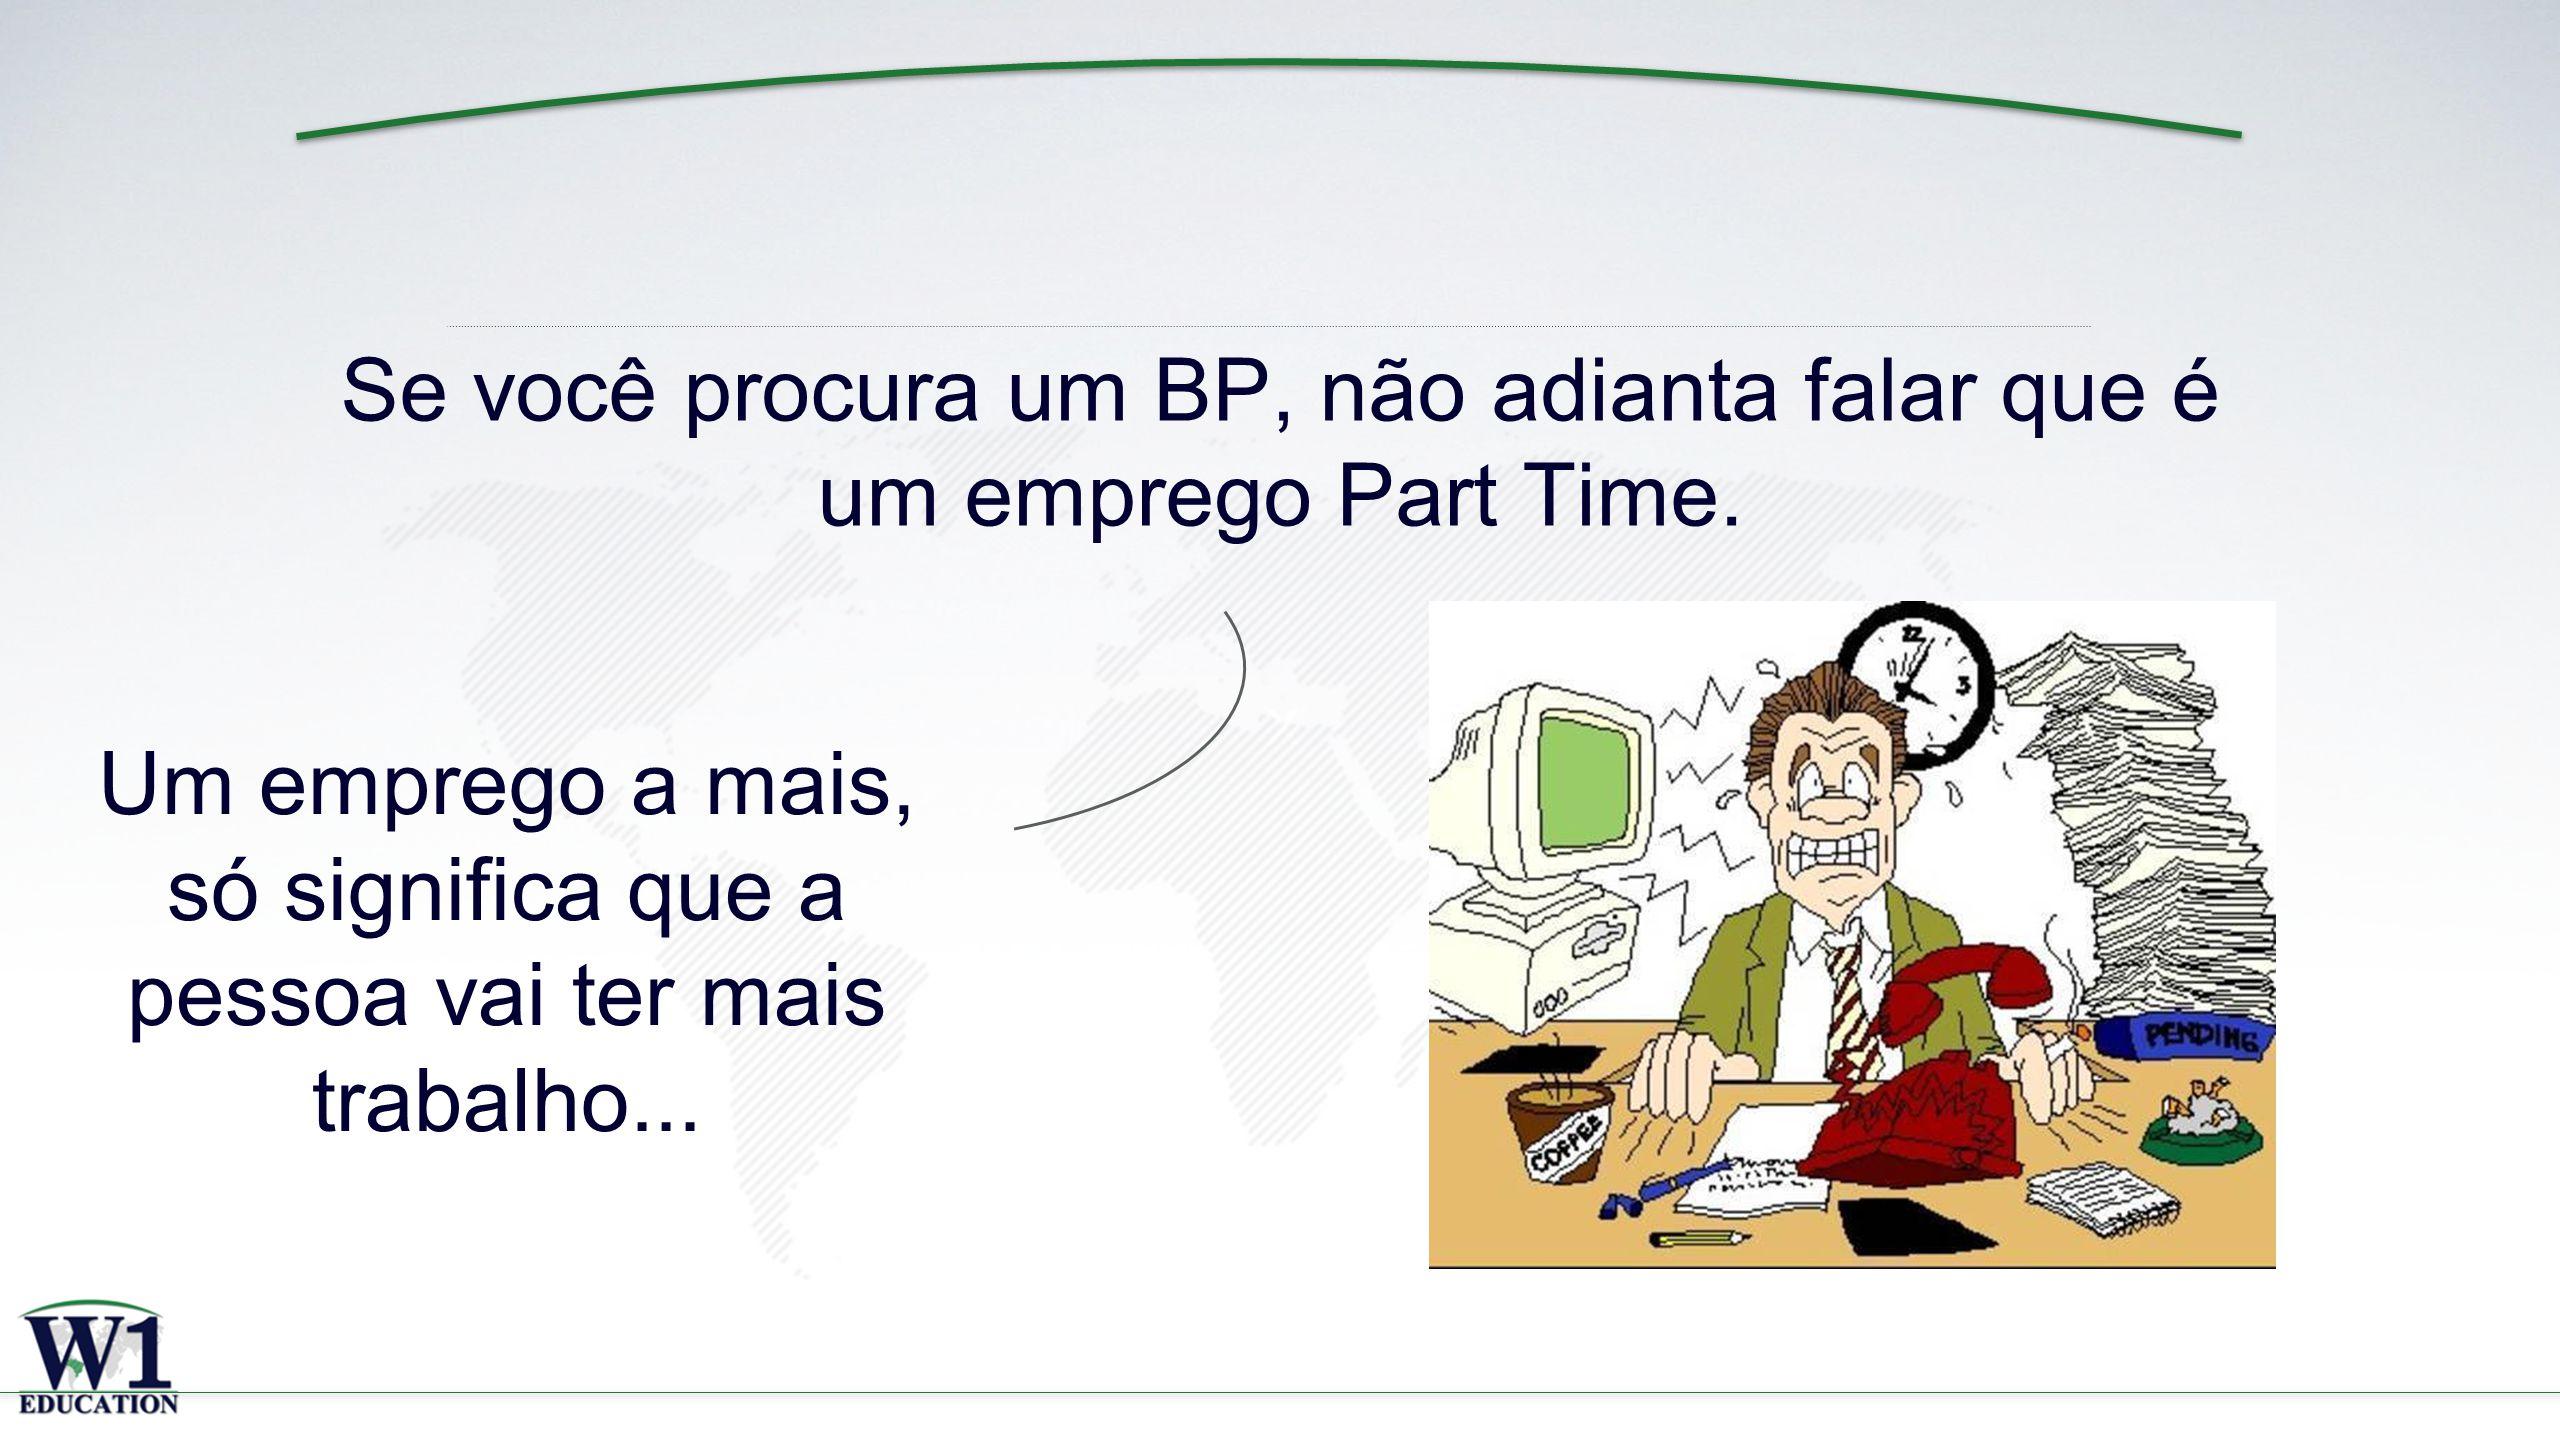 Se você procura um BP, não adianta falar que é um emprego Part Time.